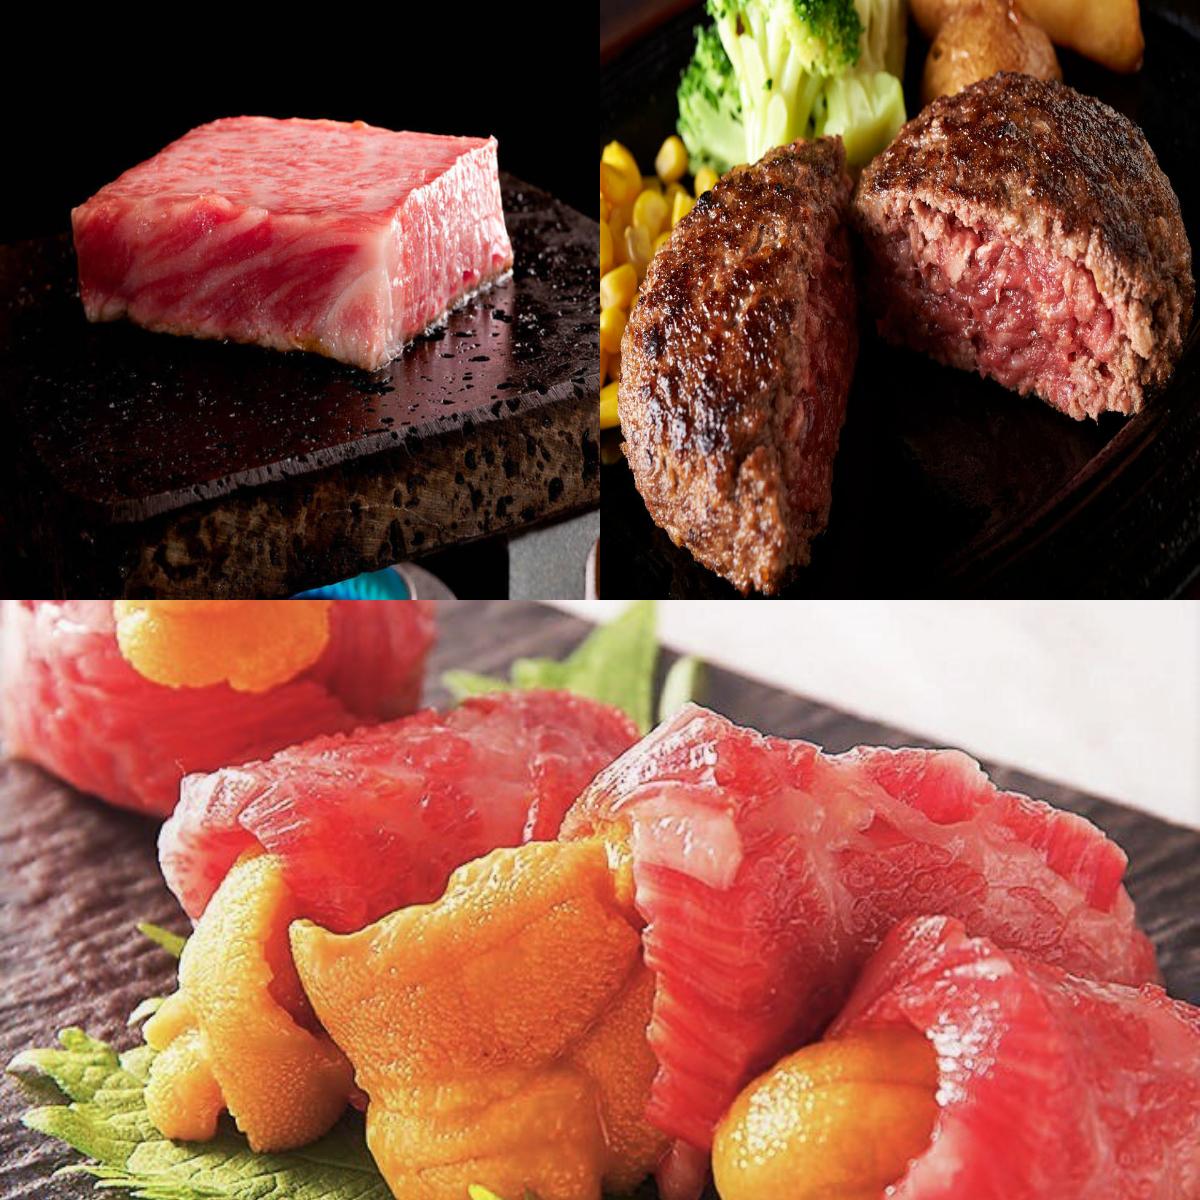 渋谷で黒毛和牛を食べるなら渋谷神宮前 YAKINIKU ZENIBA